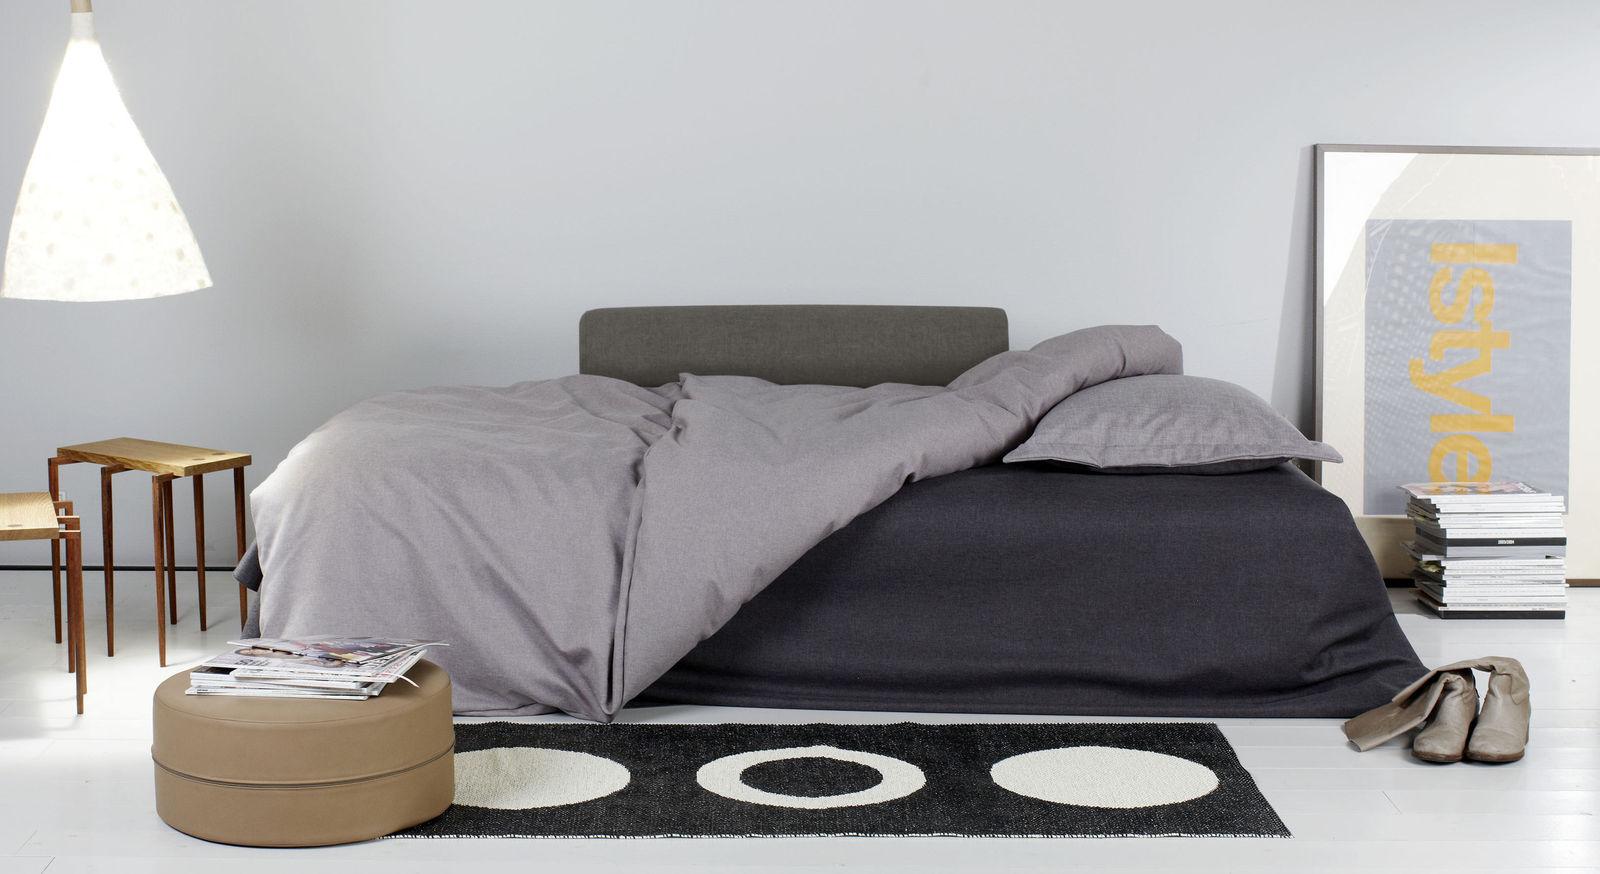 Schlafsofa Oldbury lässt sich einfach zum Bett umbauen